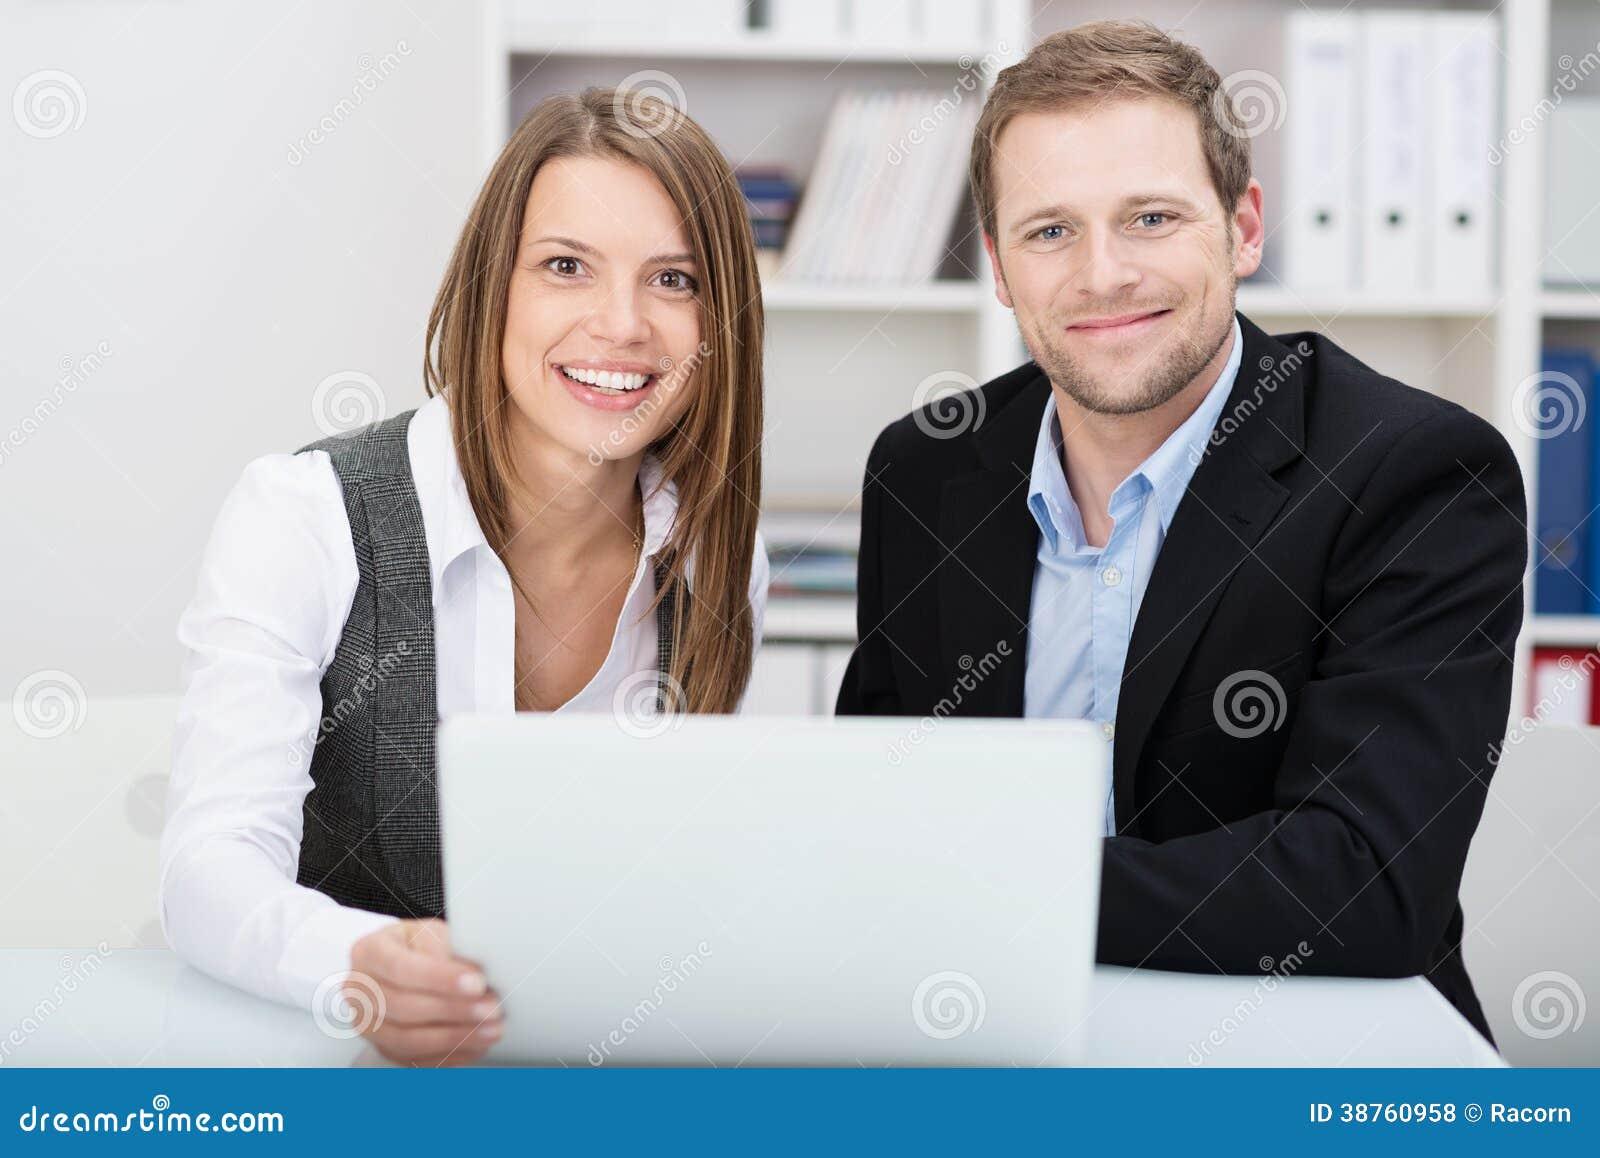 Atrakcyjny życzliwy młody biznesmen i kobieta